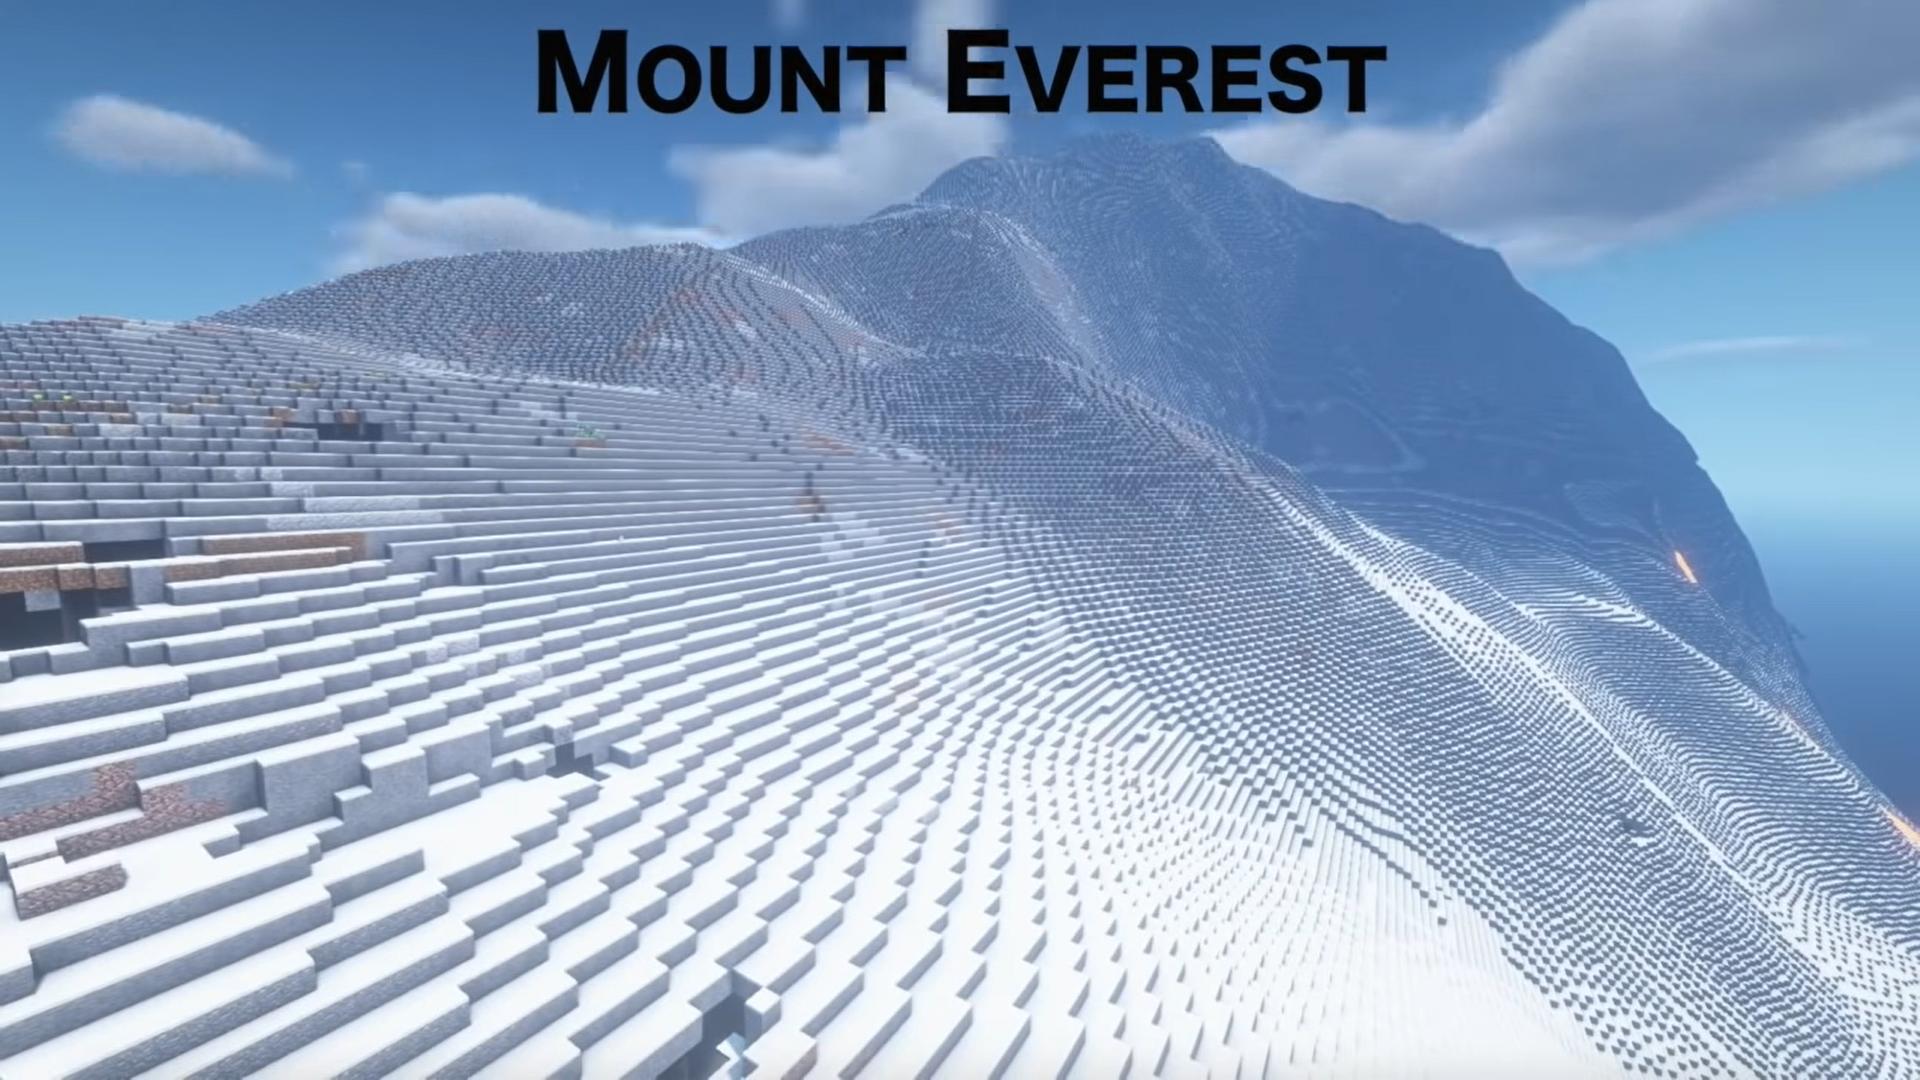 Mount Everest in Minecraft